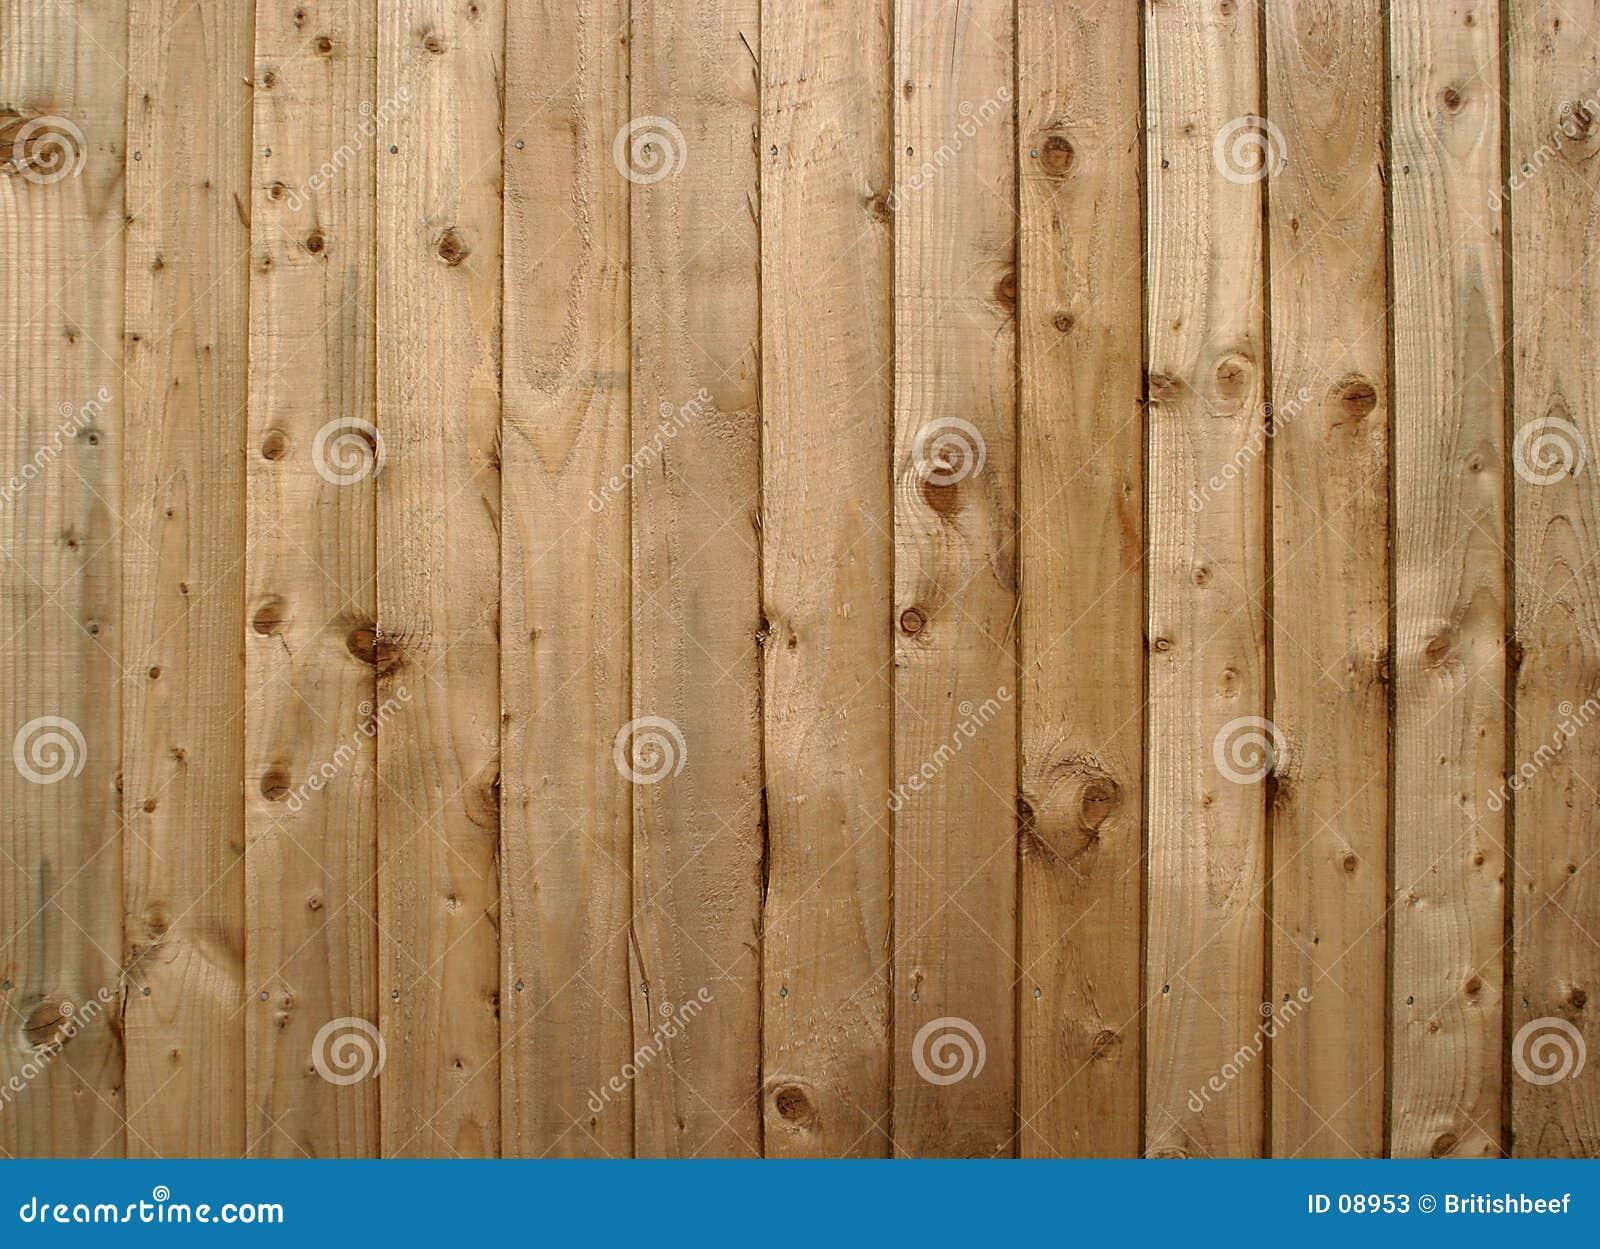 Recinzione del legno fotografie stock immagine 8953 for Recinzione legno